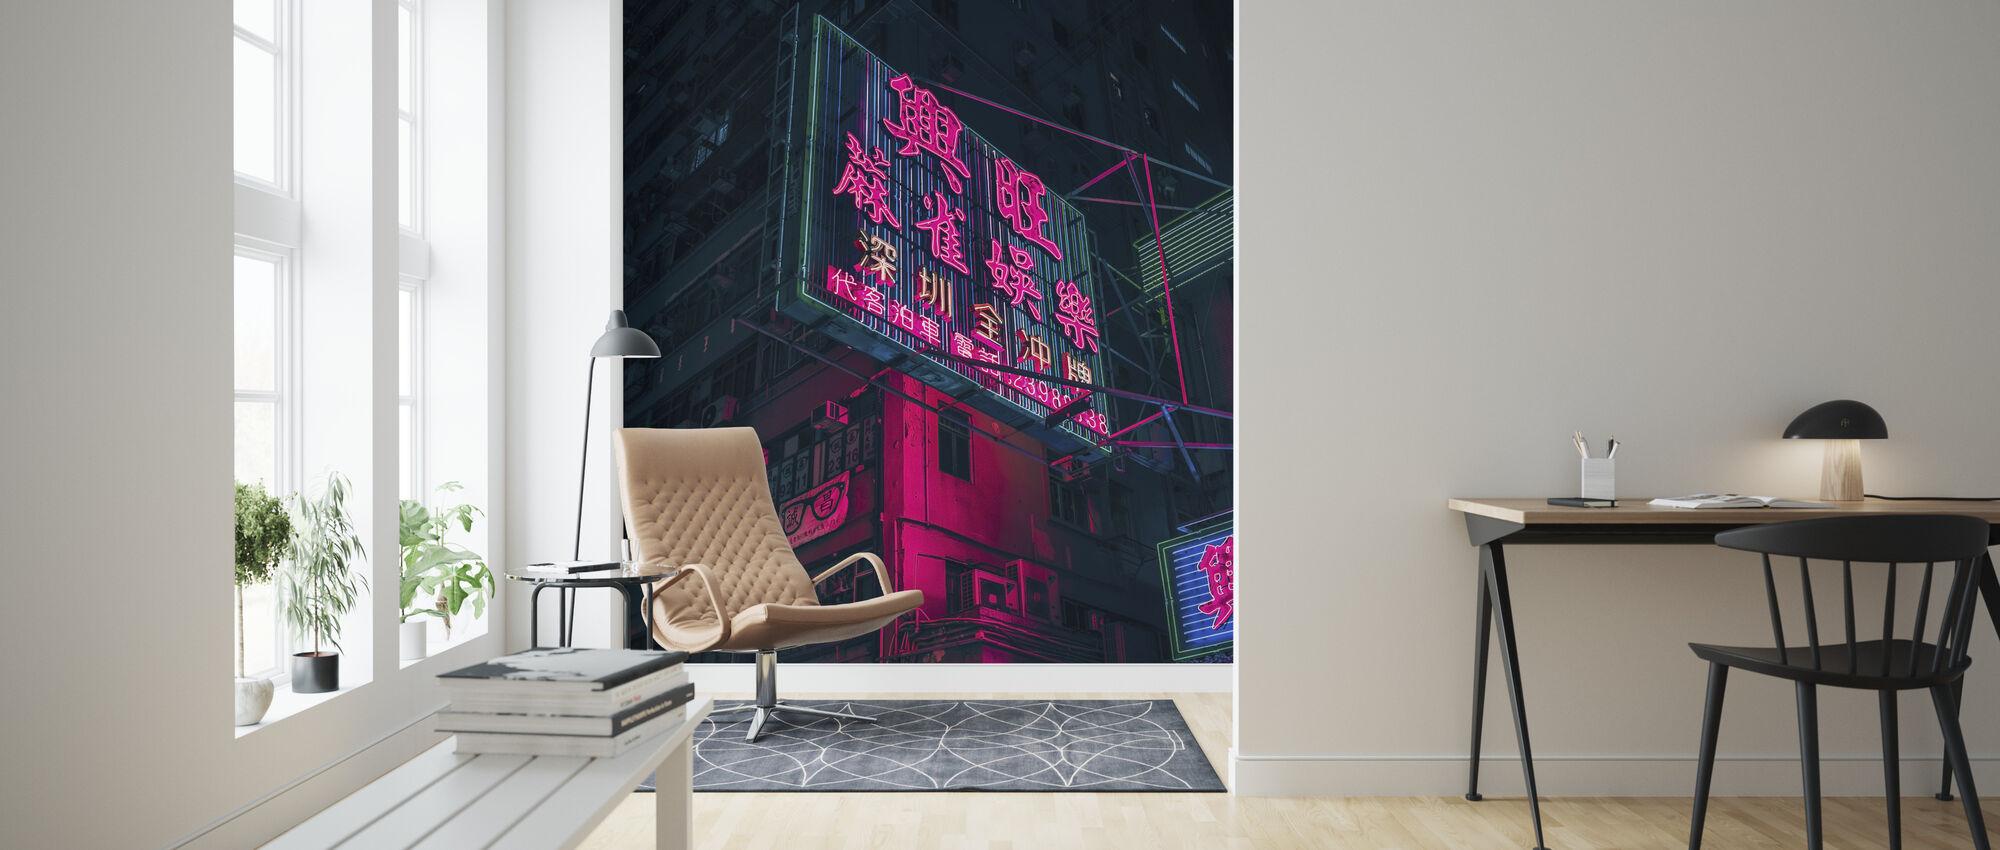 Japanese Aesthetic - Wallpaper - Living Room